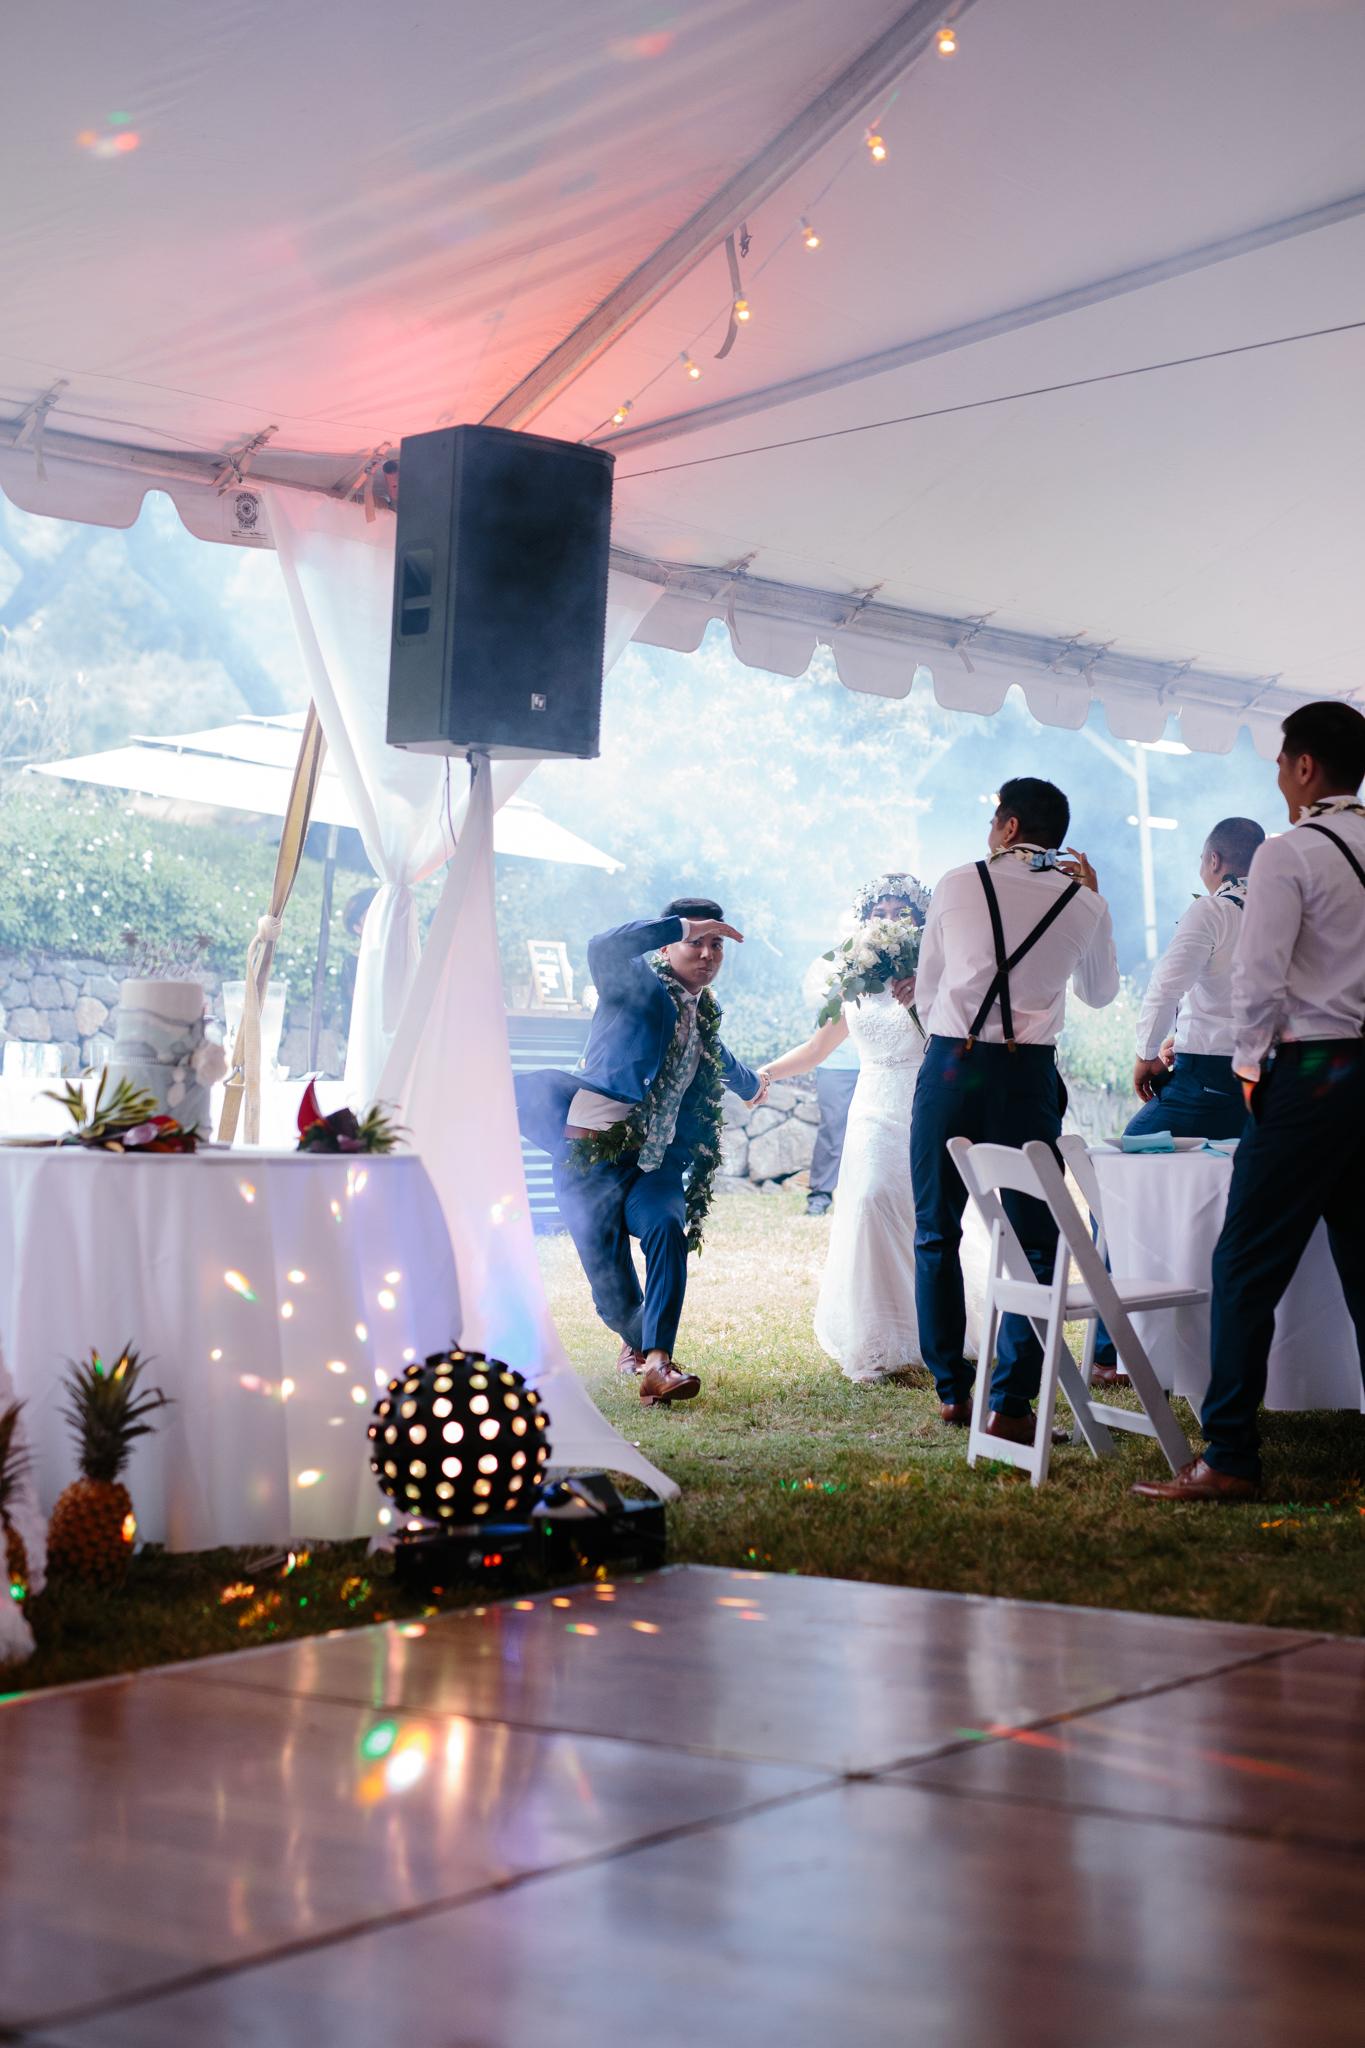 kualoa_ranch_wedding_photography_tone_hawaii-77.jpg